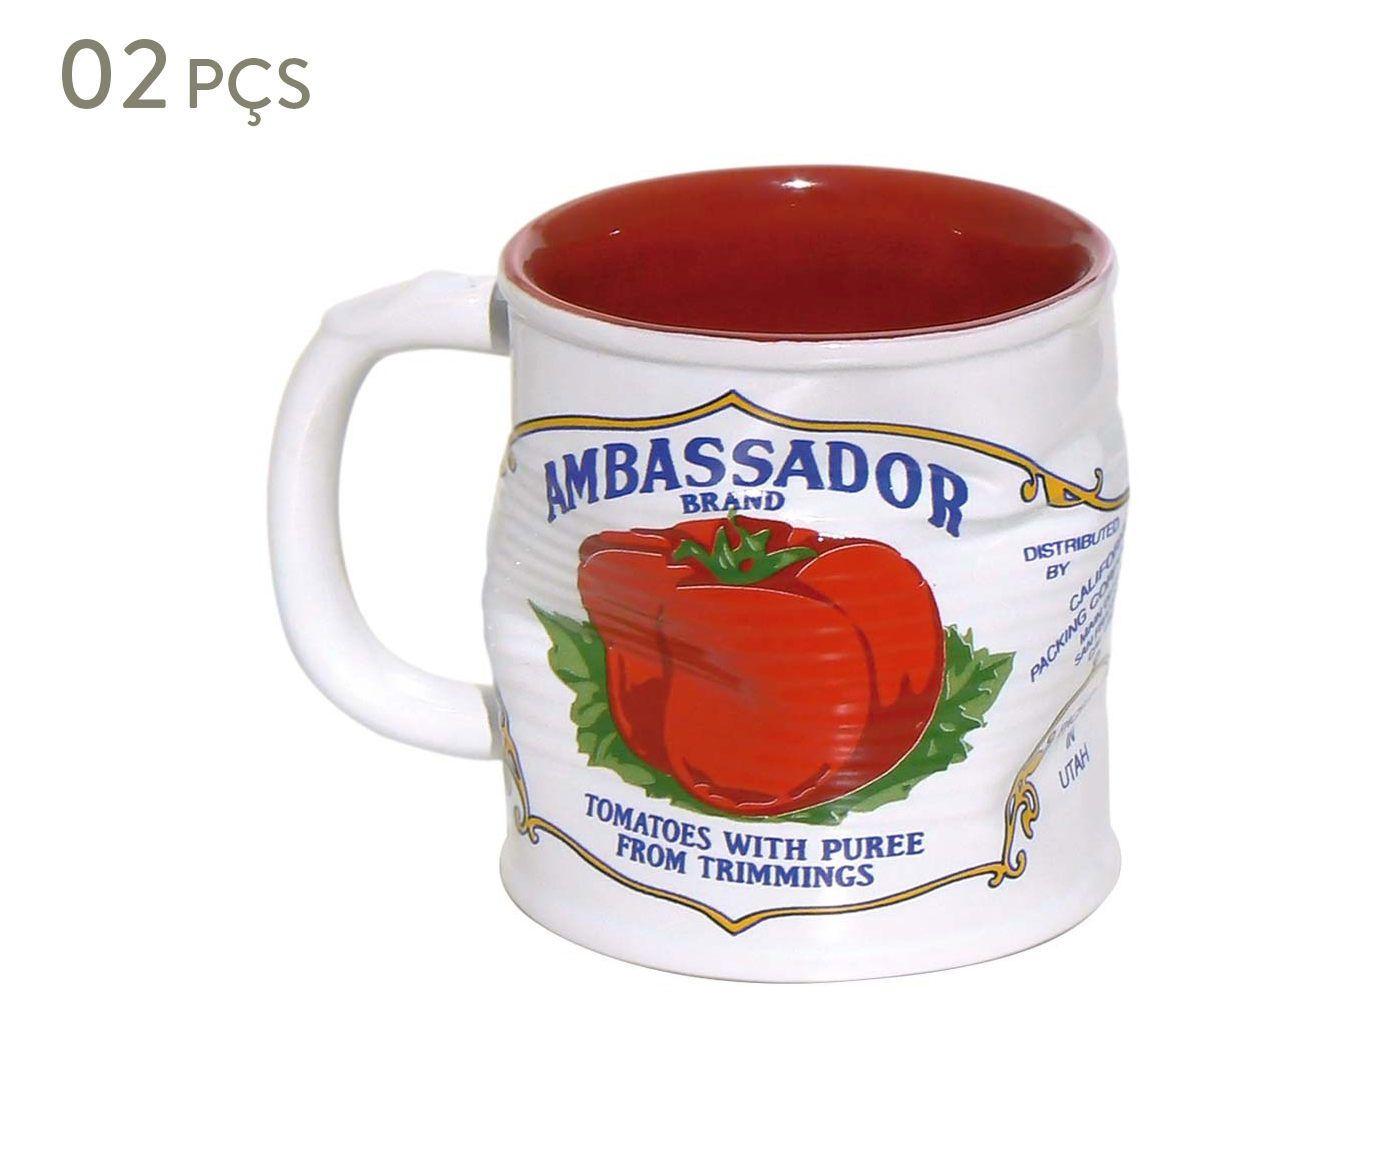 Conjunto de Canecas Smashed ambassador - 220 ml | Westwing.com.br